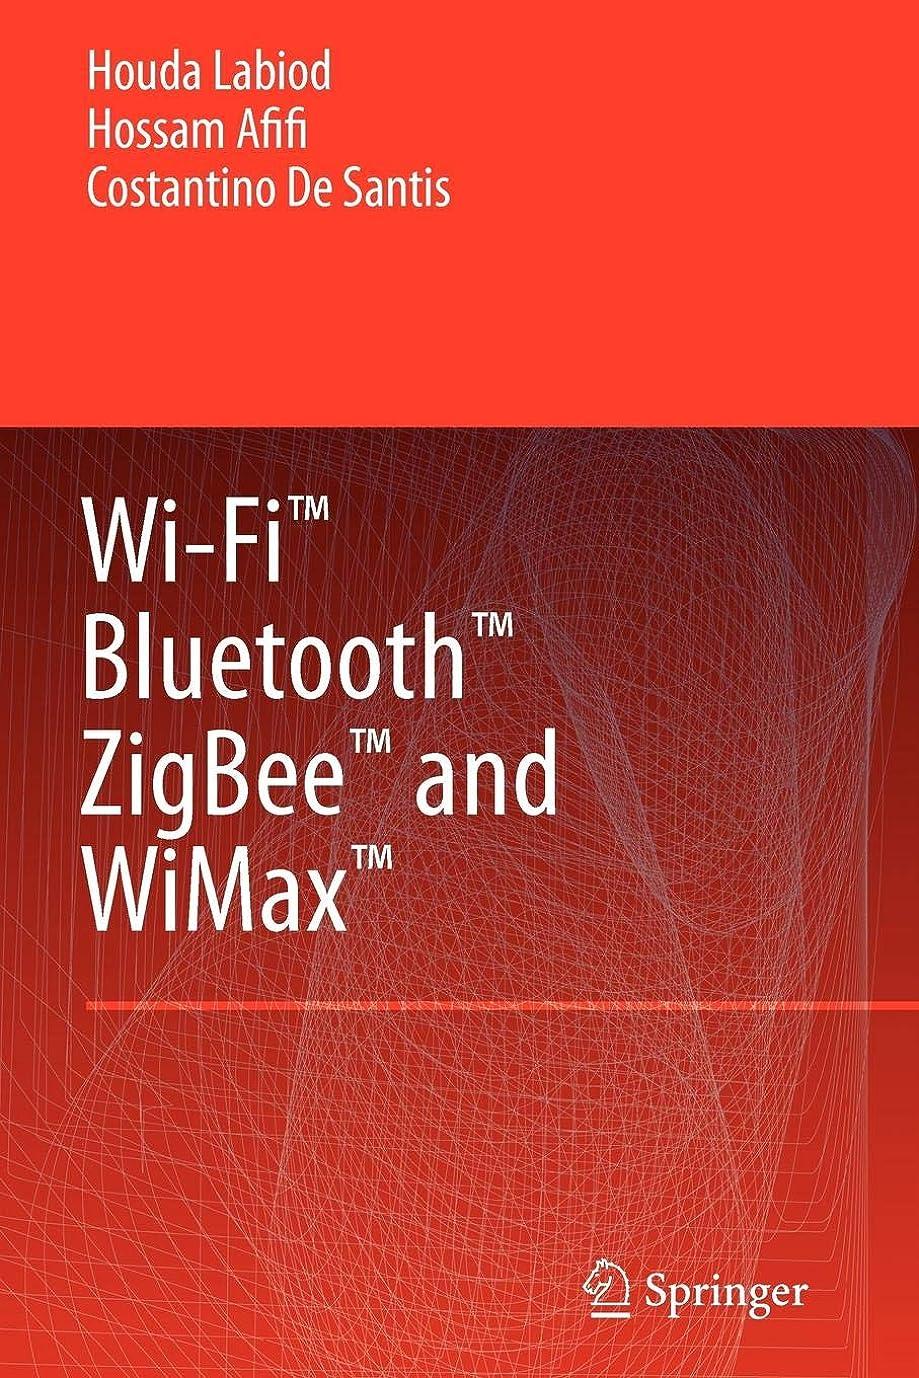 ペインティング水っぽいサイレントWi-Fi?, Bluetooth?, Zigbee? and WiMax?